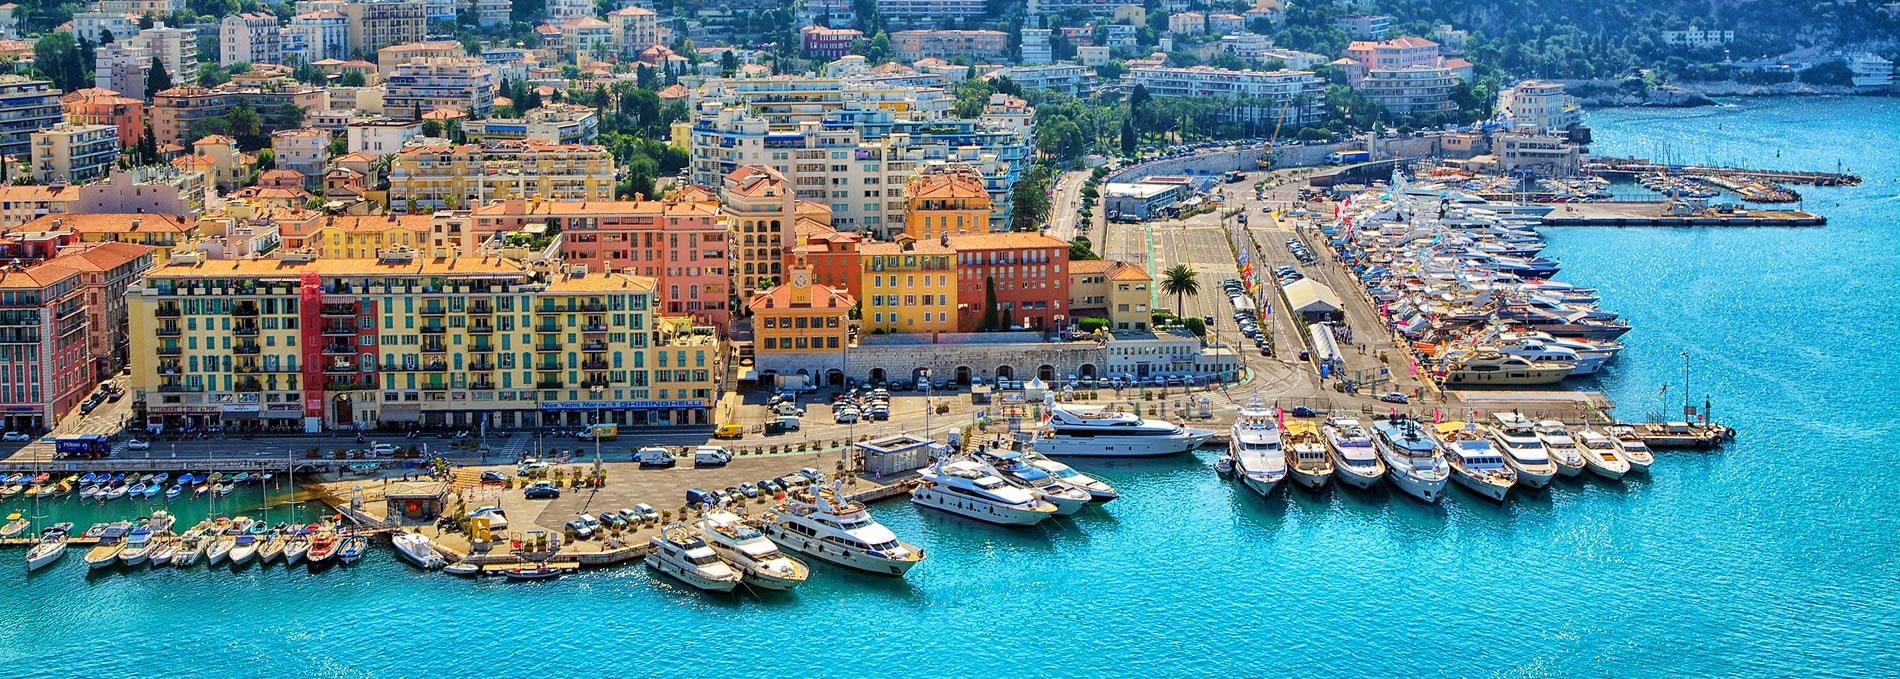 Antalya-holiday-offer